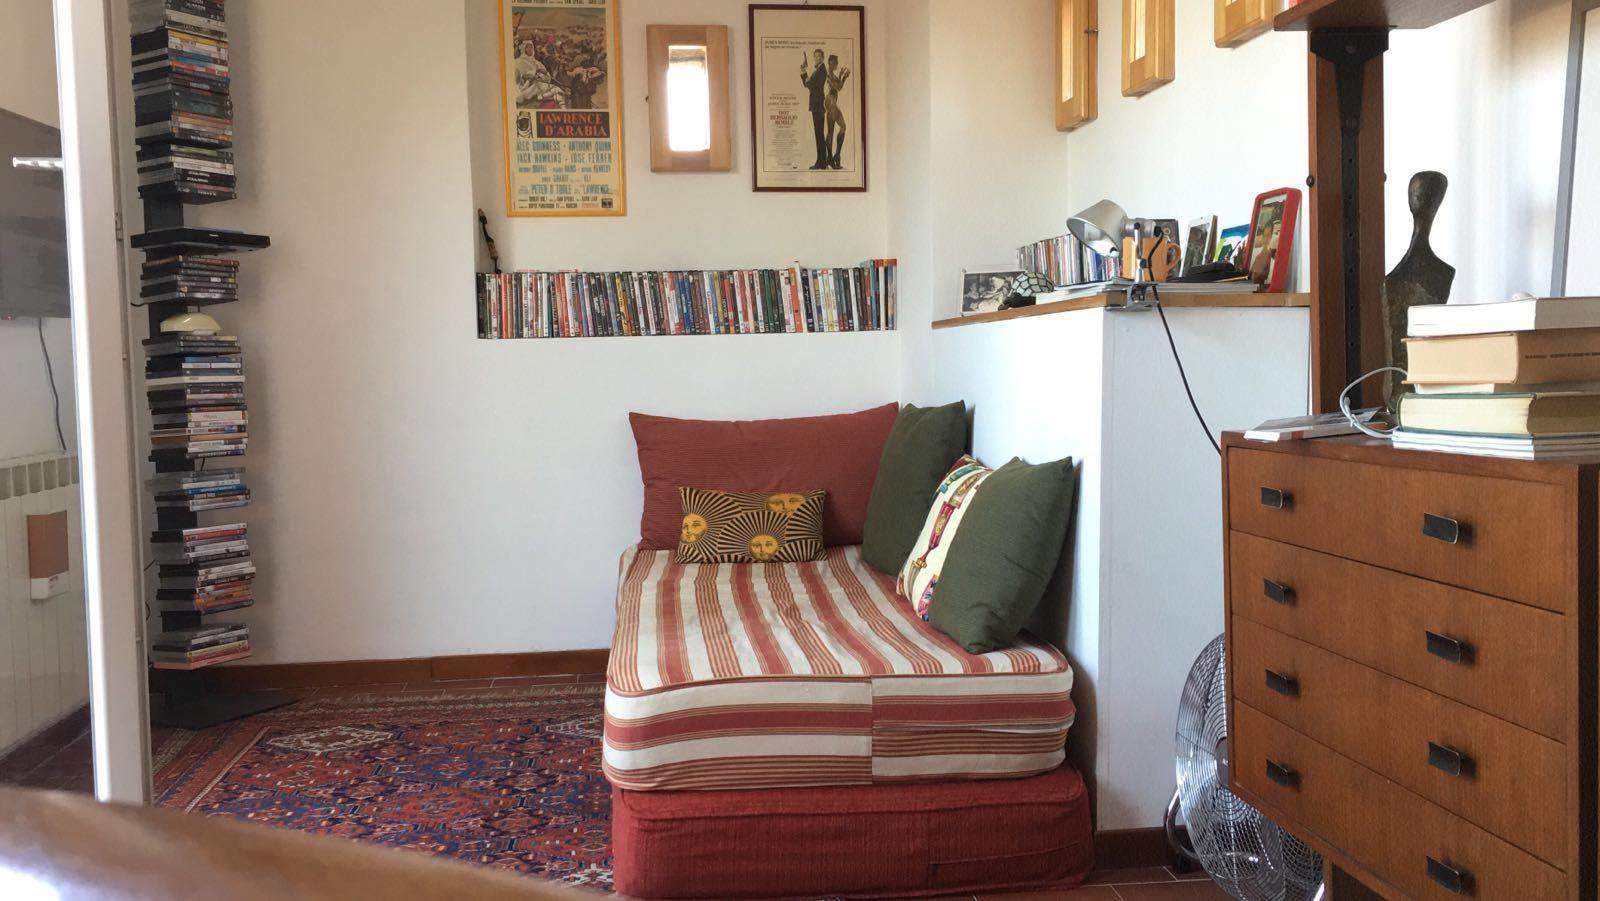 صورة غرفة في روما , اروع و اجمل الغرف المتميزة بروما